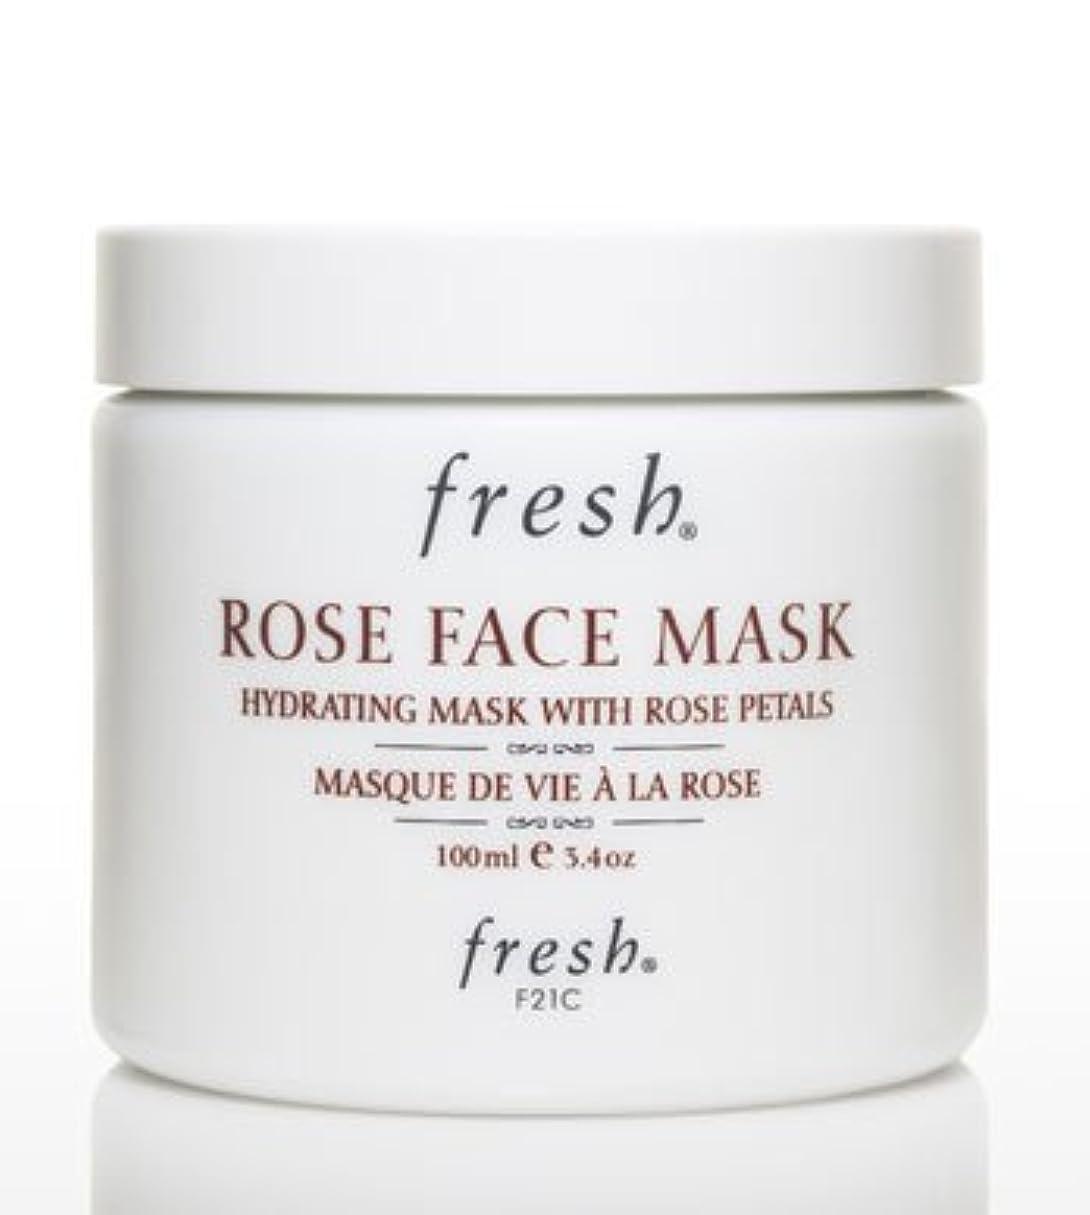 ロードされたクローゼット修復Fresh ROSE FACE MASK (フレッシュ ローズフェイスマスク) 3.4 oz (100g) by Fresh for Women